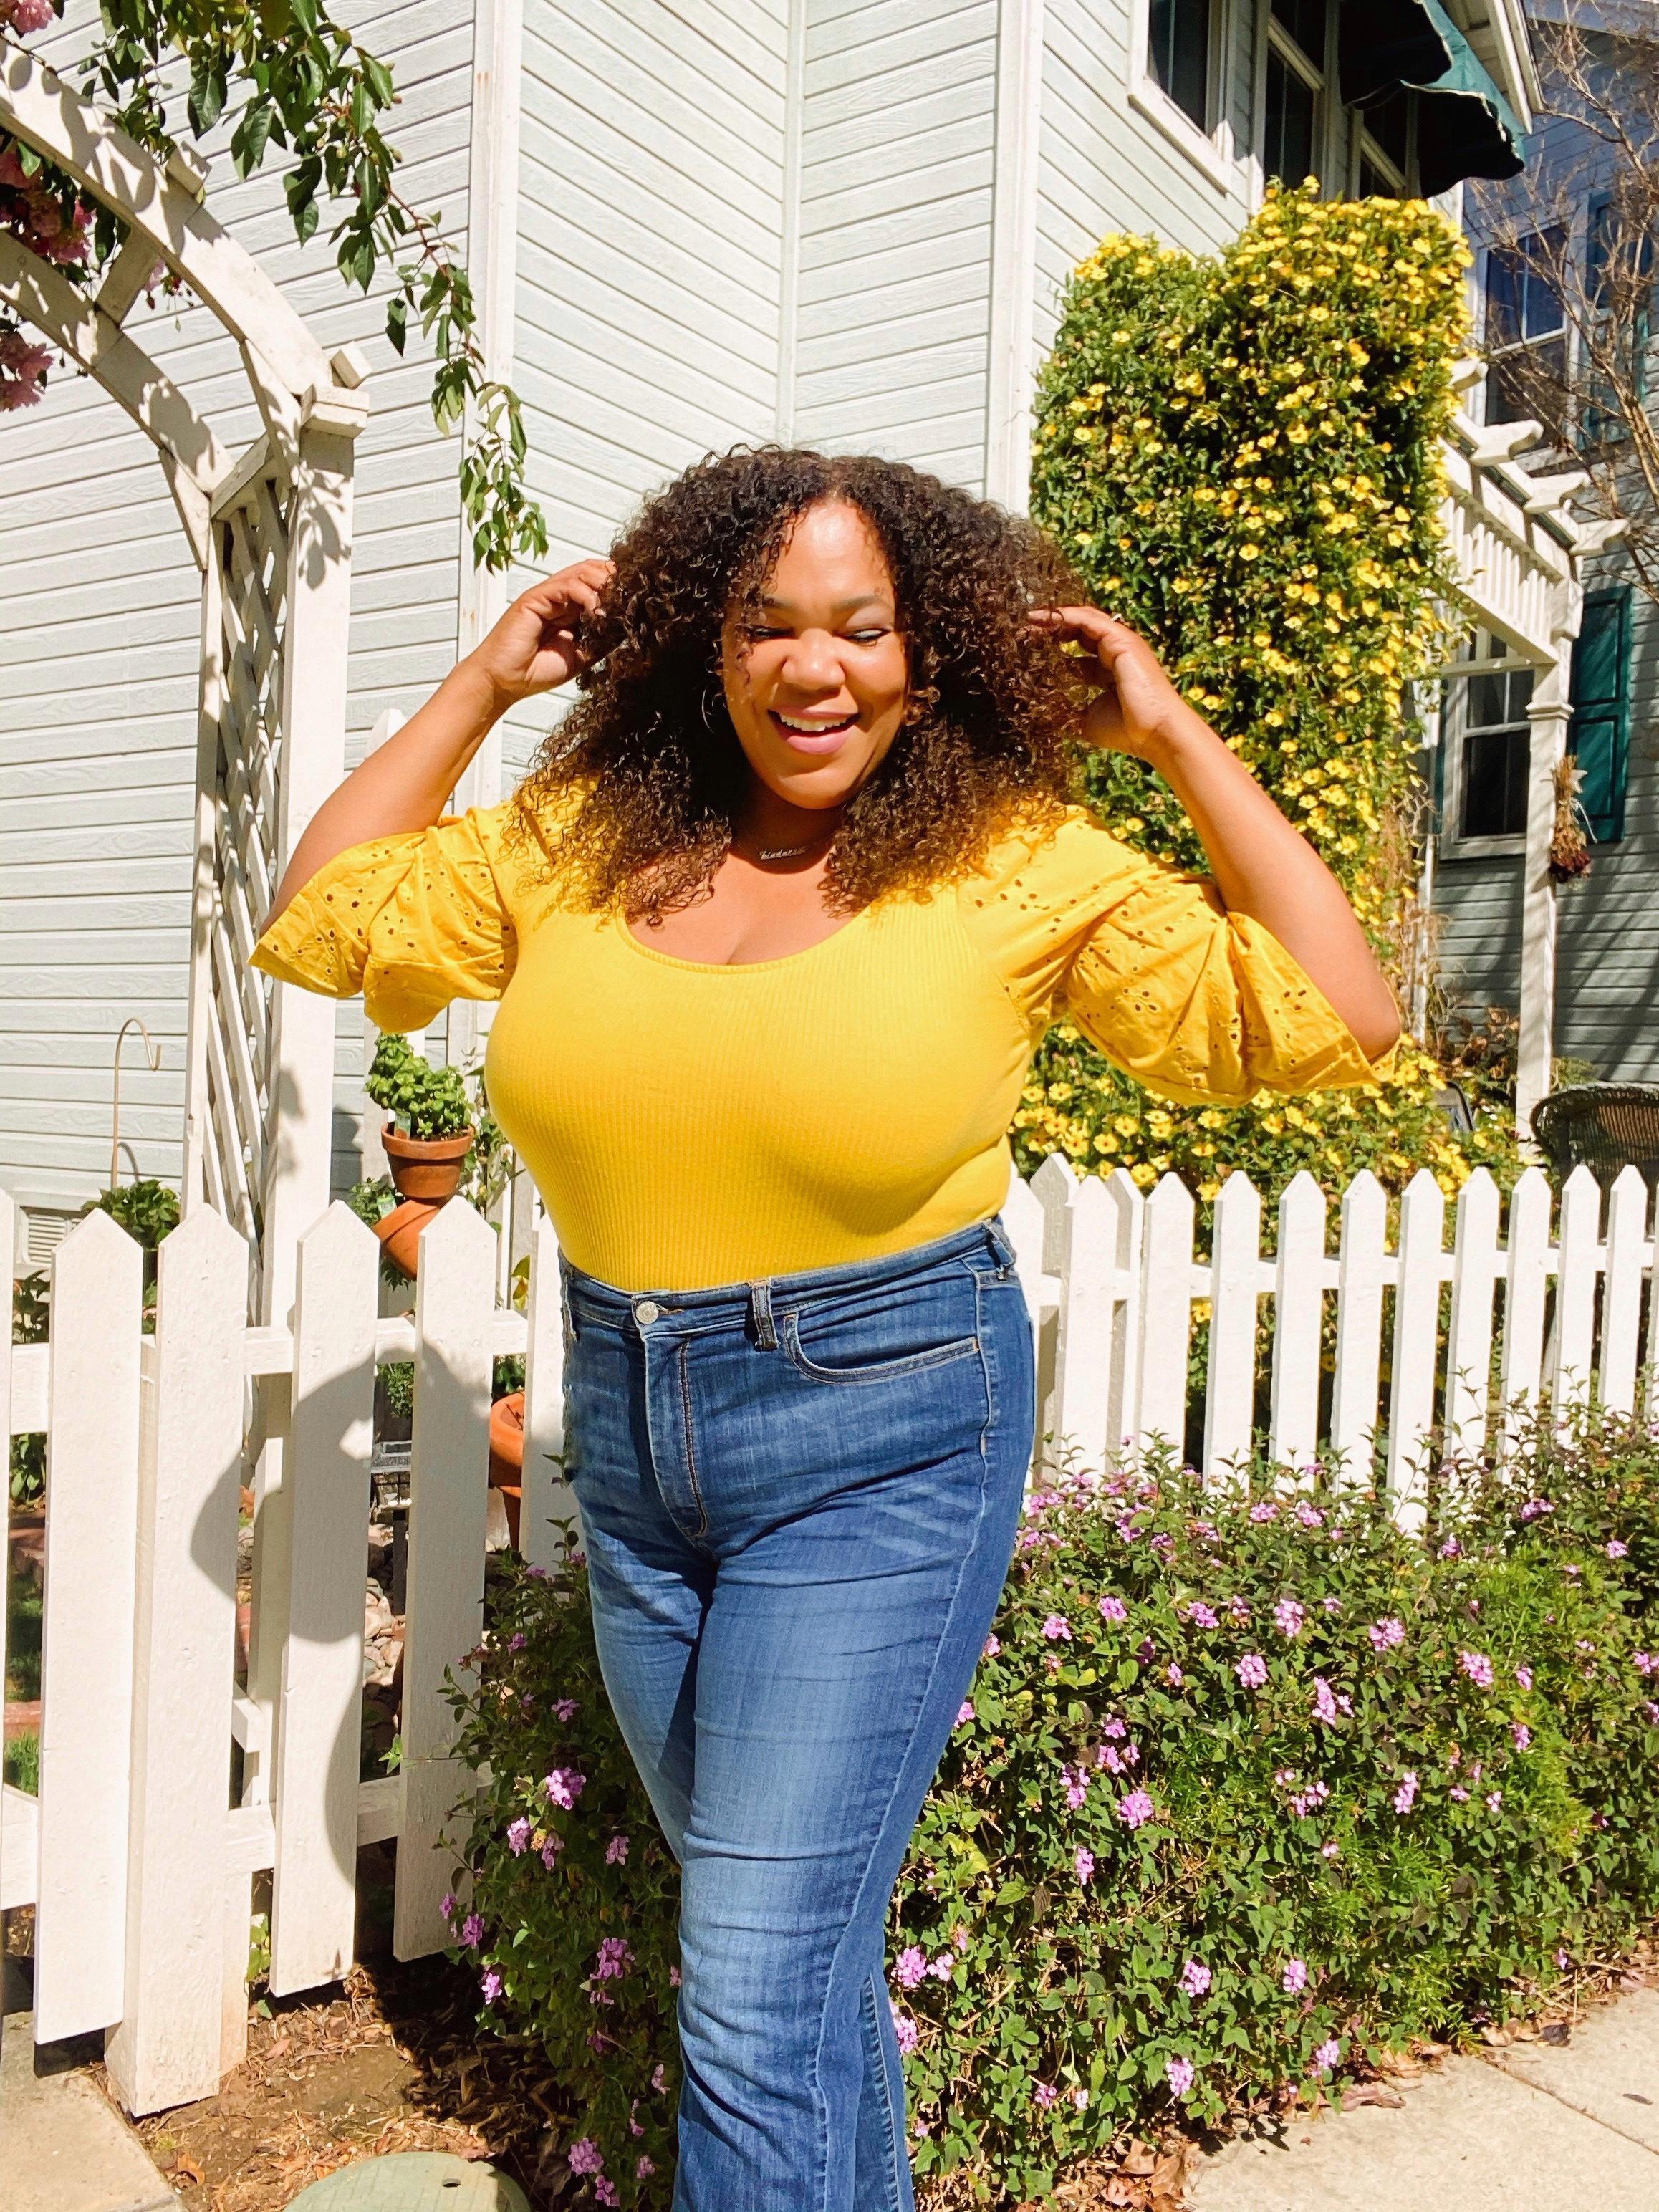 Black woman in yellow